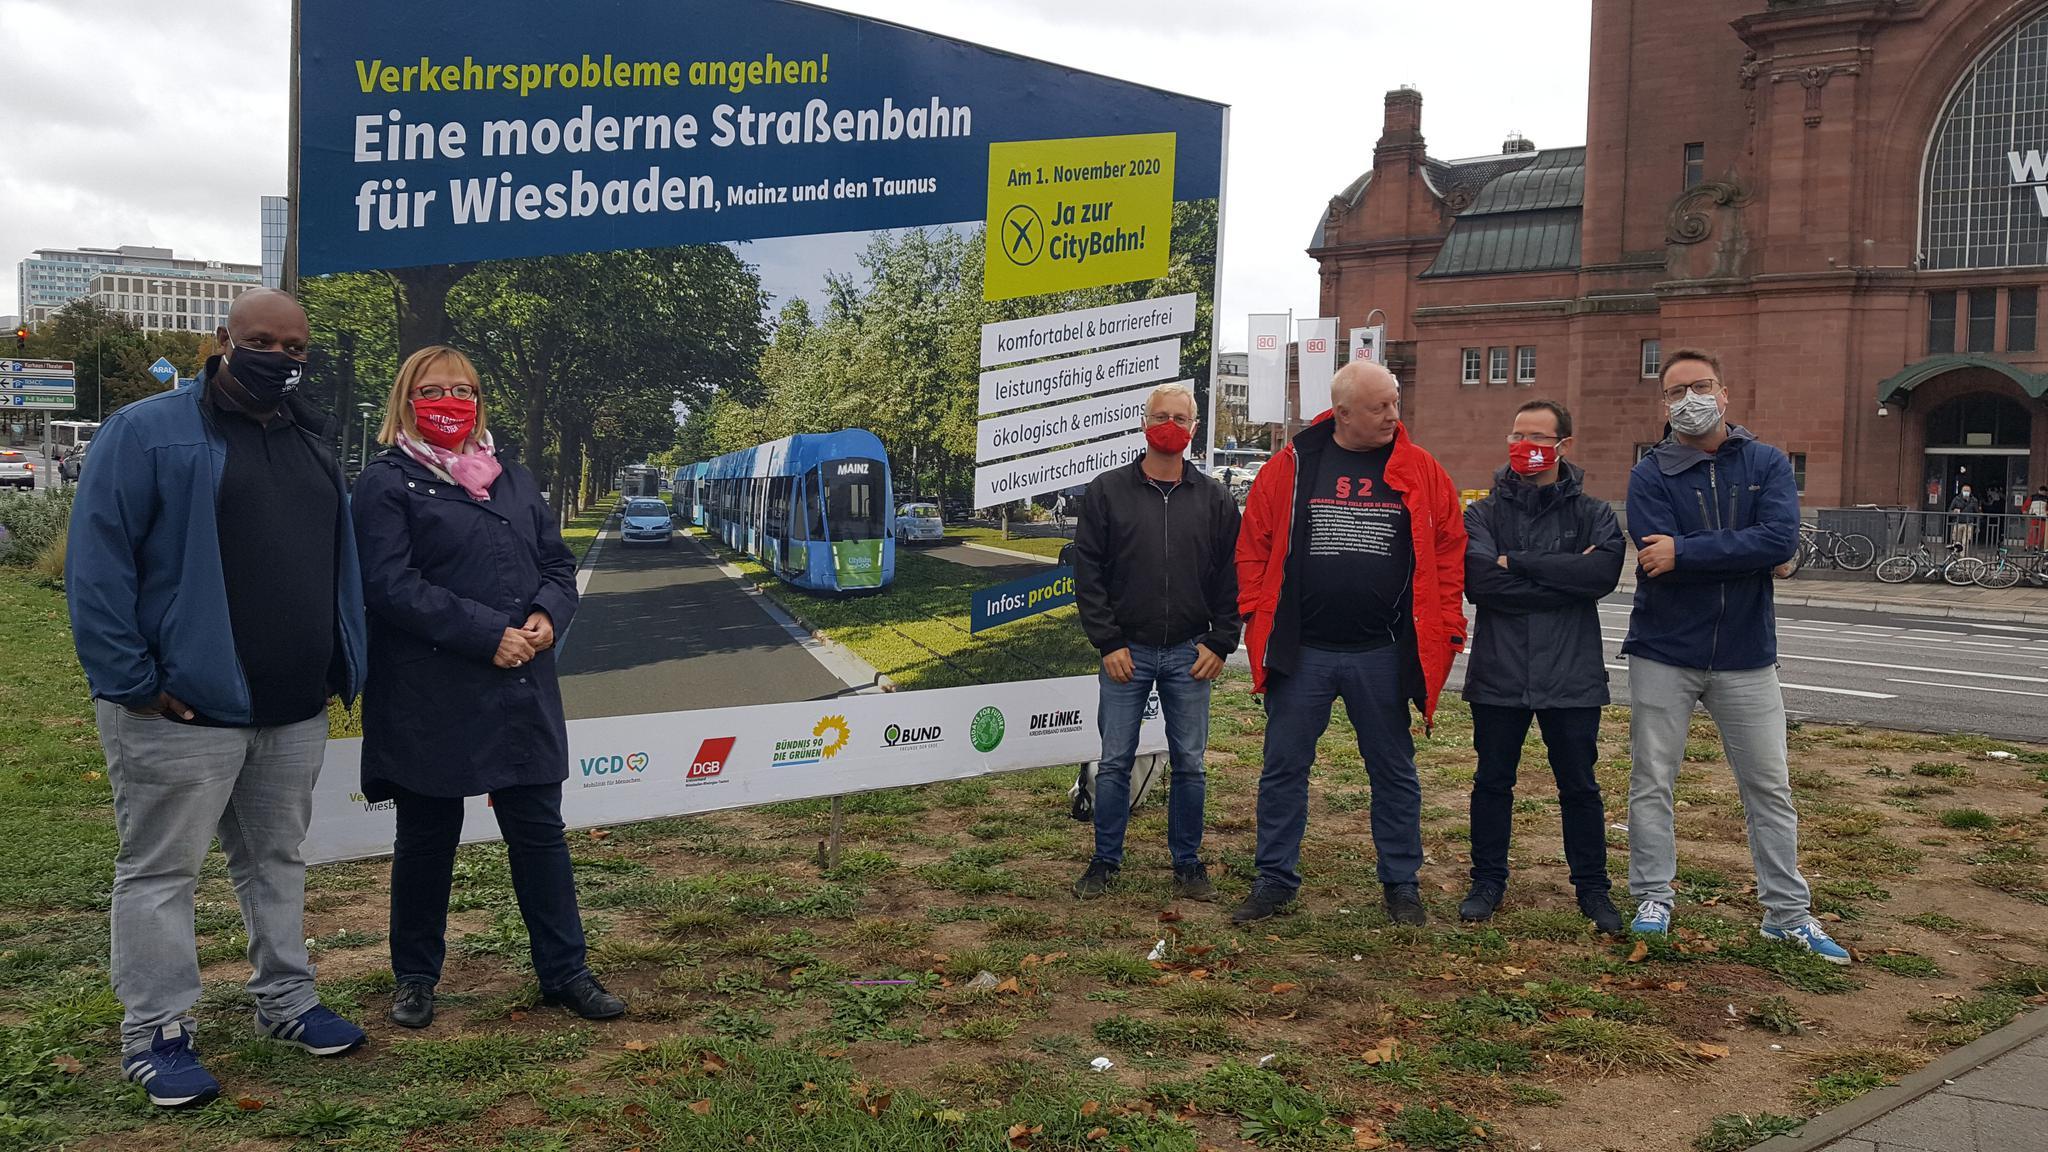 Citybahn Wiesbaden